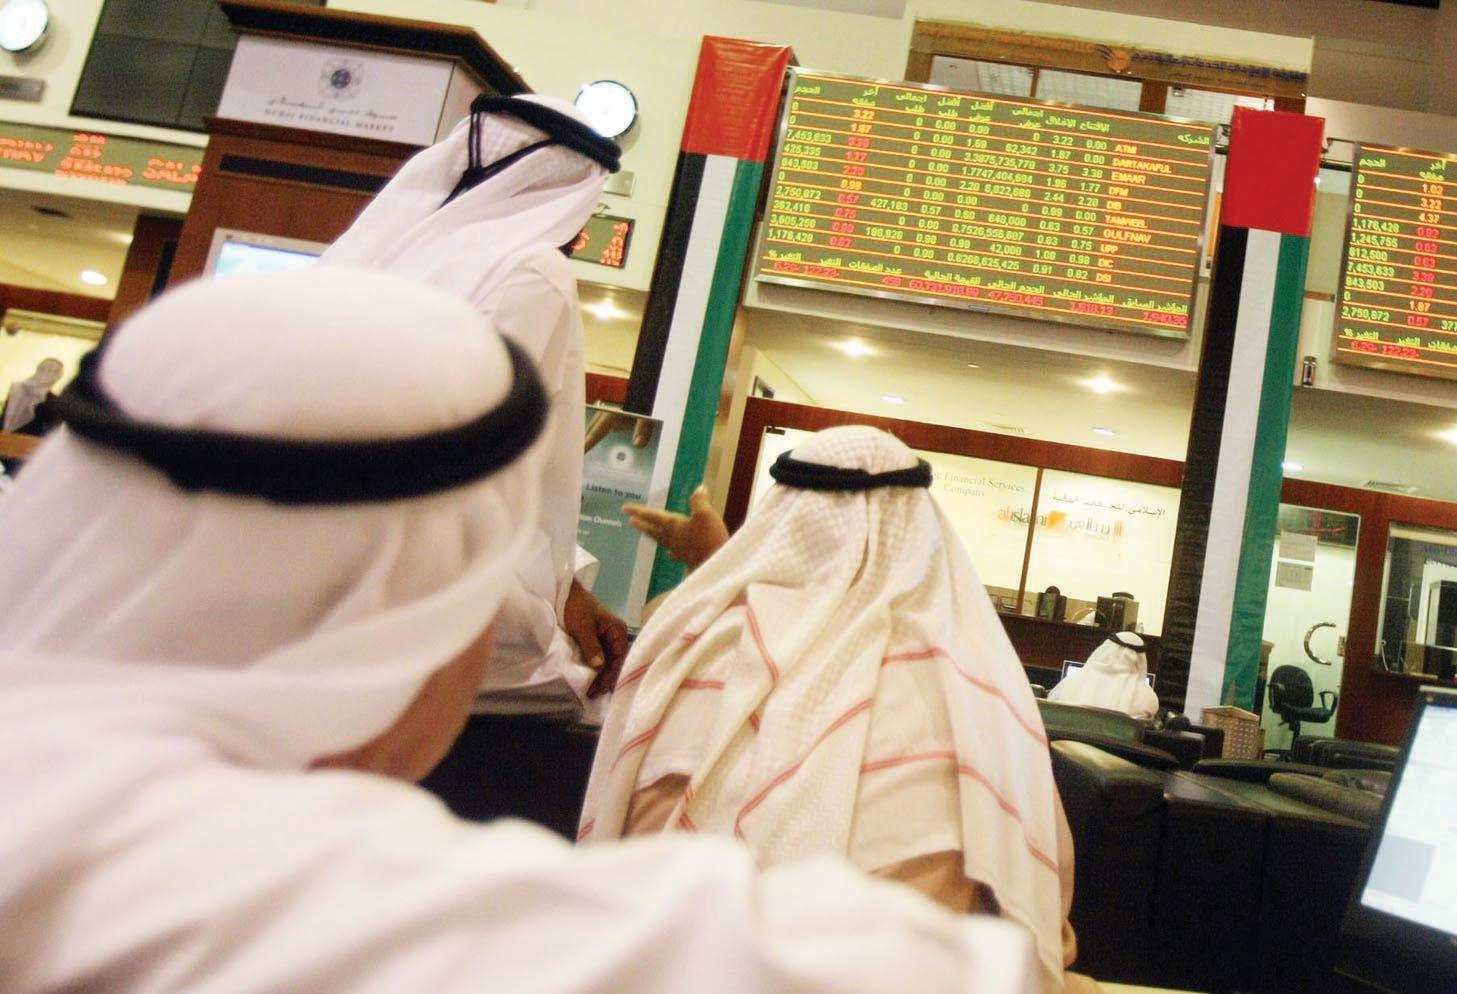 محللون يطالبون «الأوراق المالية» بضبط التذبذبات الحادة في الأسهم